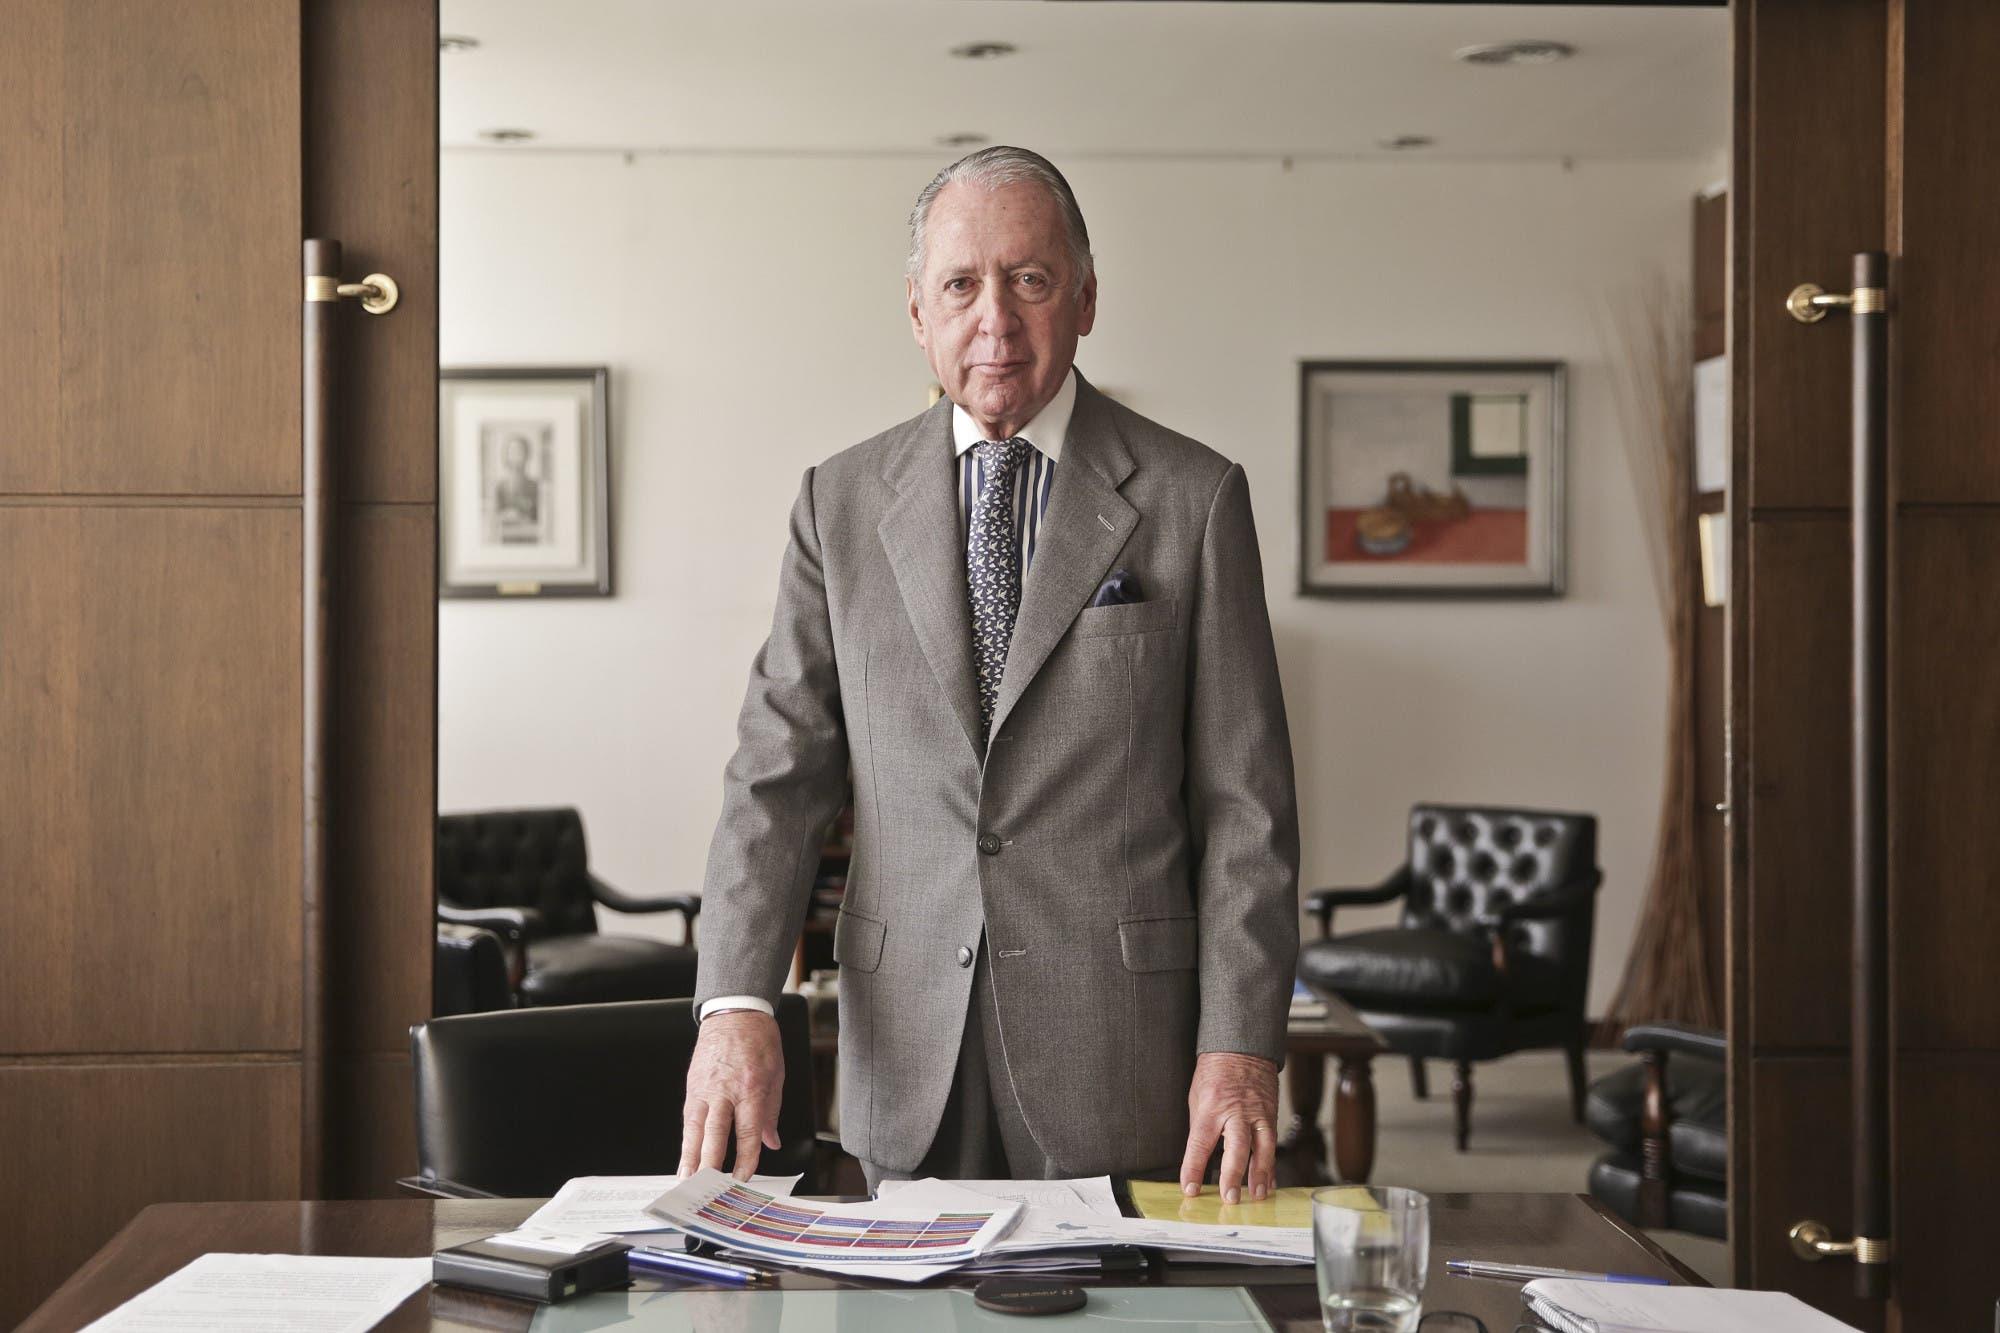 El acuerdo de precios, la inflación, la pobreza y otras definiciones de Funes de Rioja